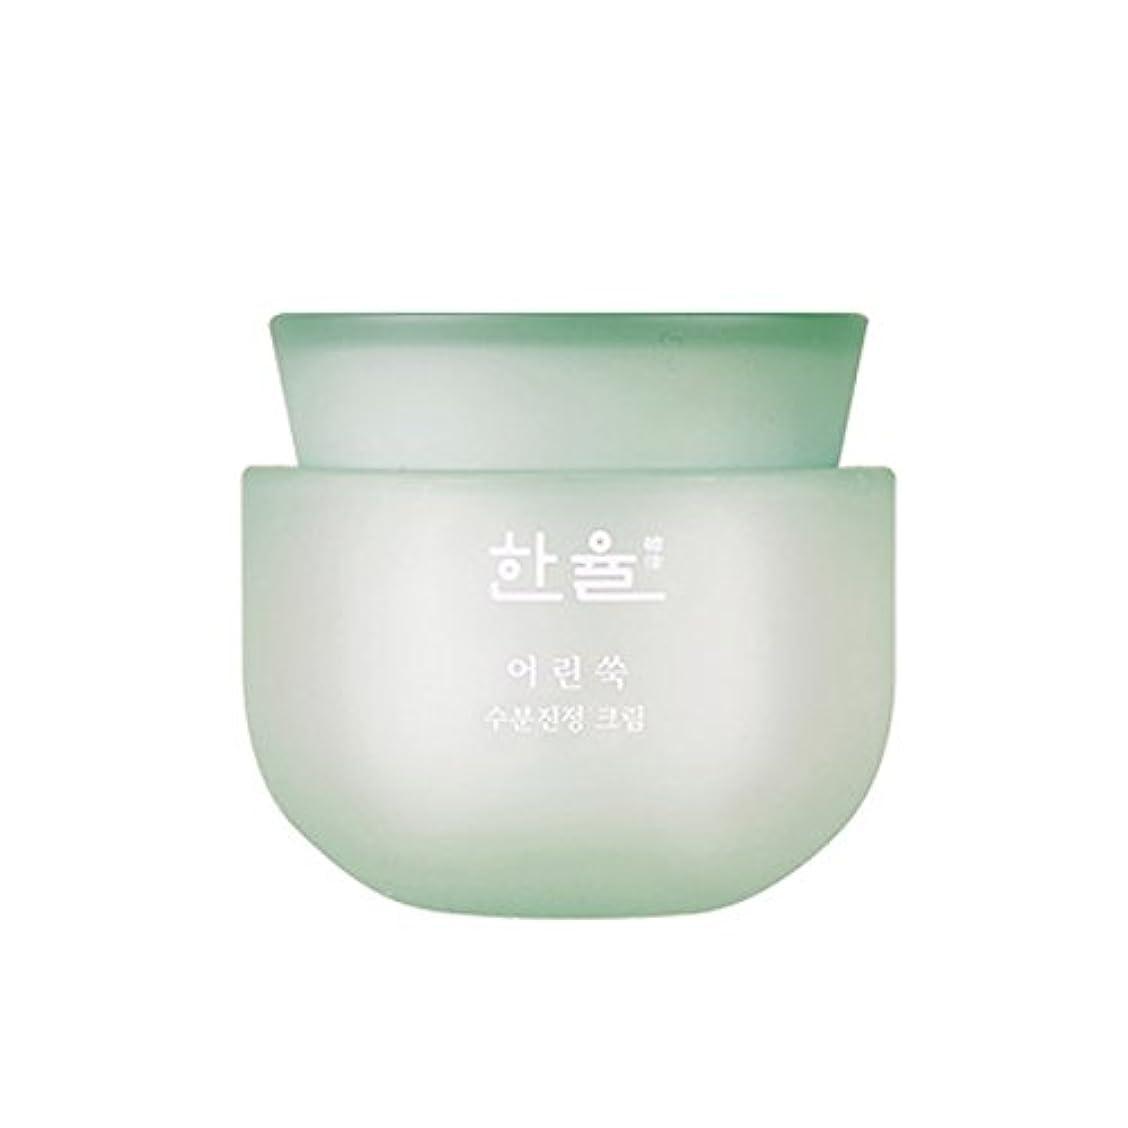 インタラクション飢成分【HANYUL公式】 ハンユル ヨモギ水分鎮静クリーム 50ml / Hanyul Pure Artemisia Watery Calming Cream 50ml